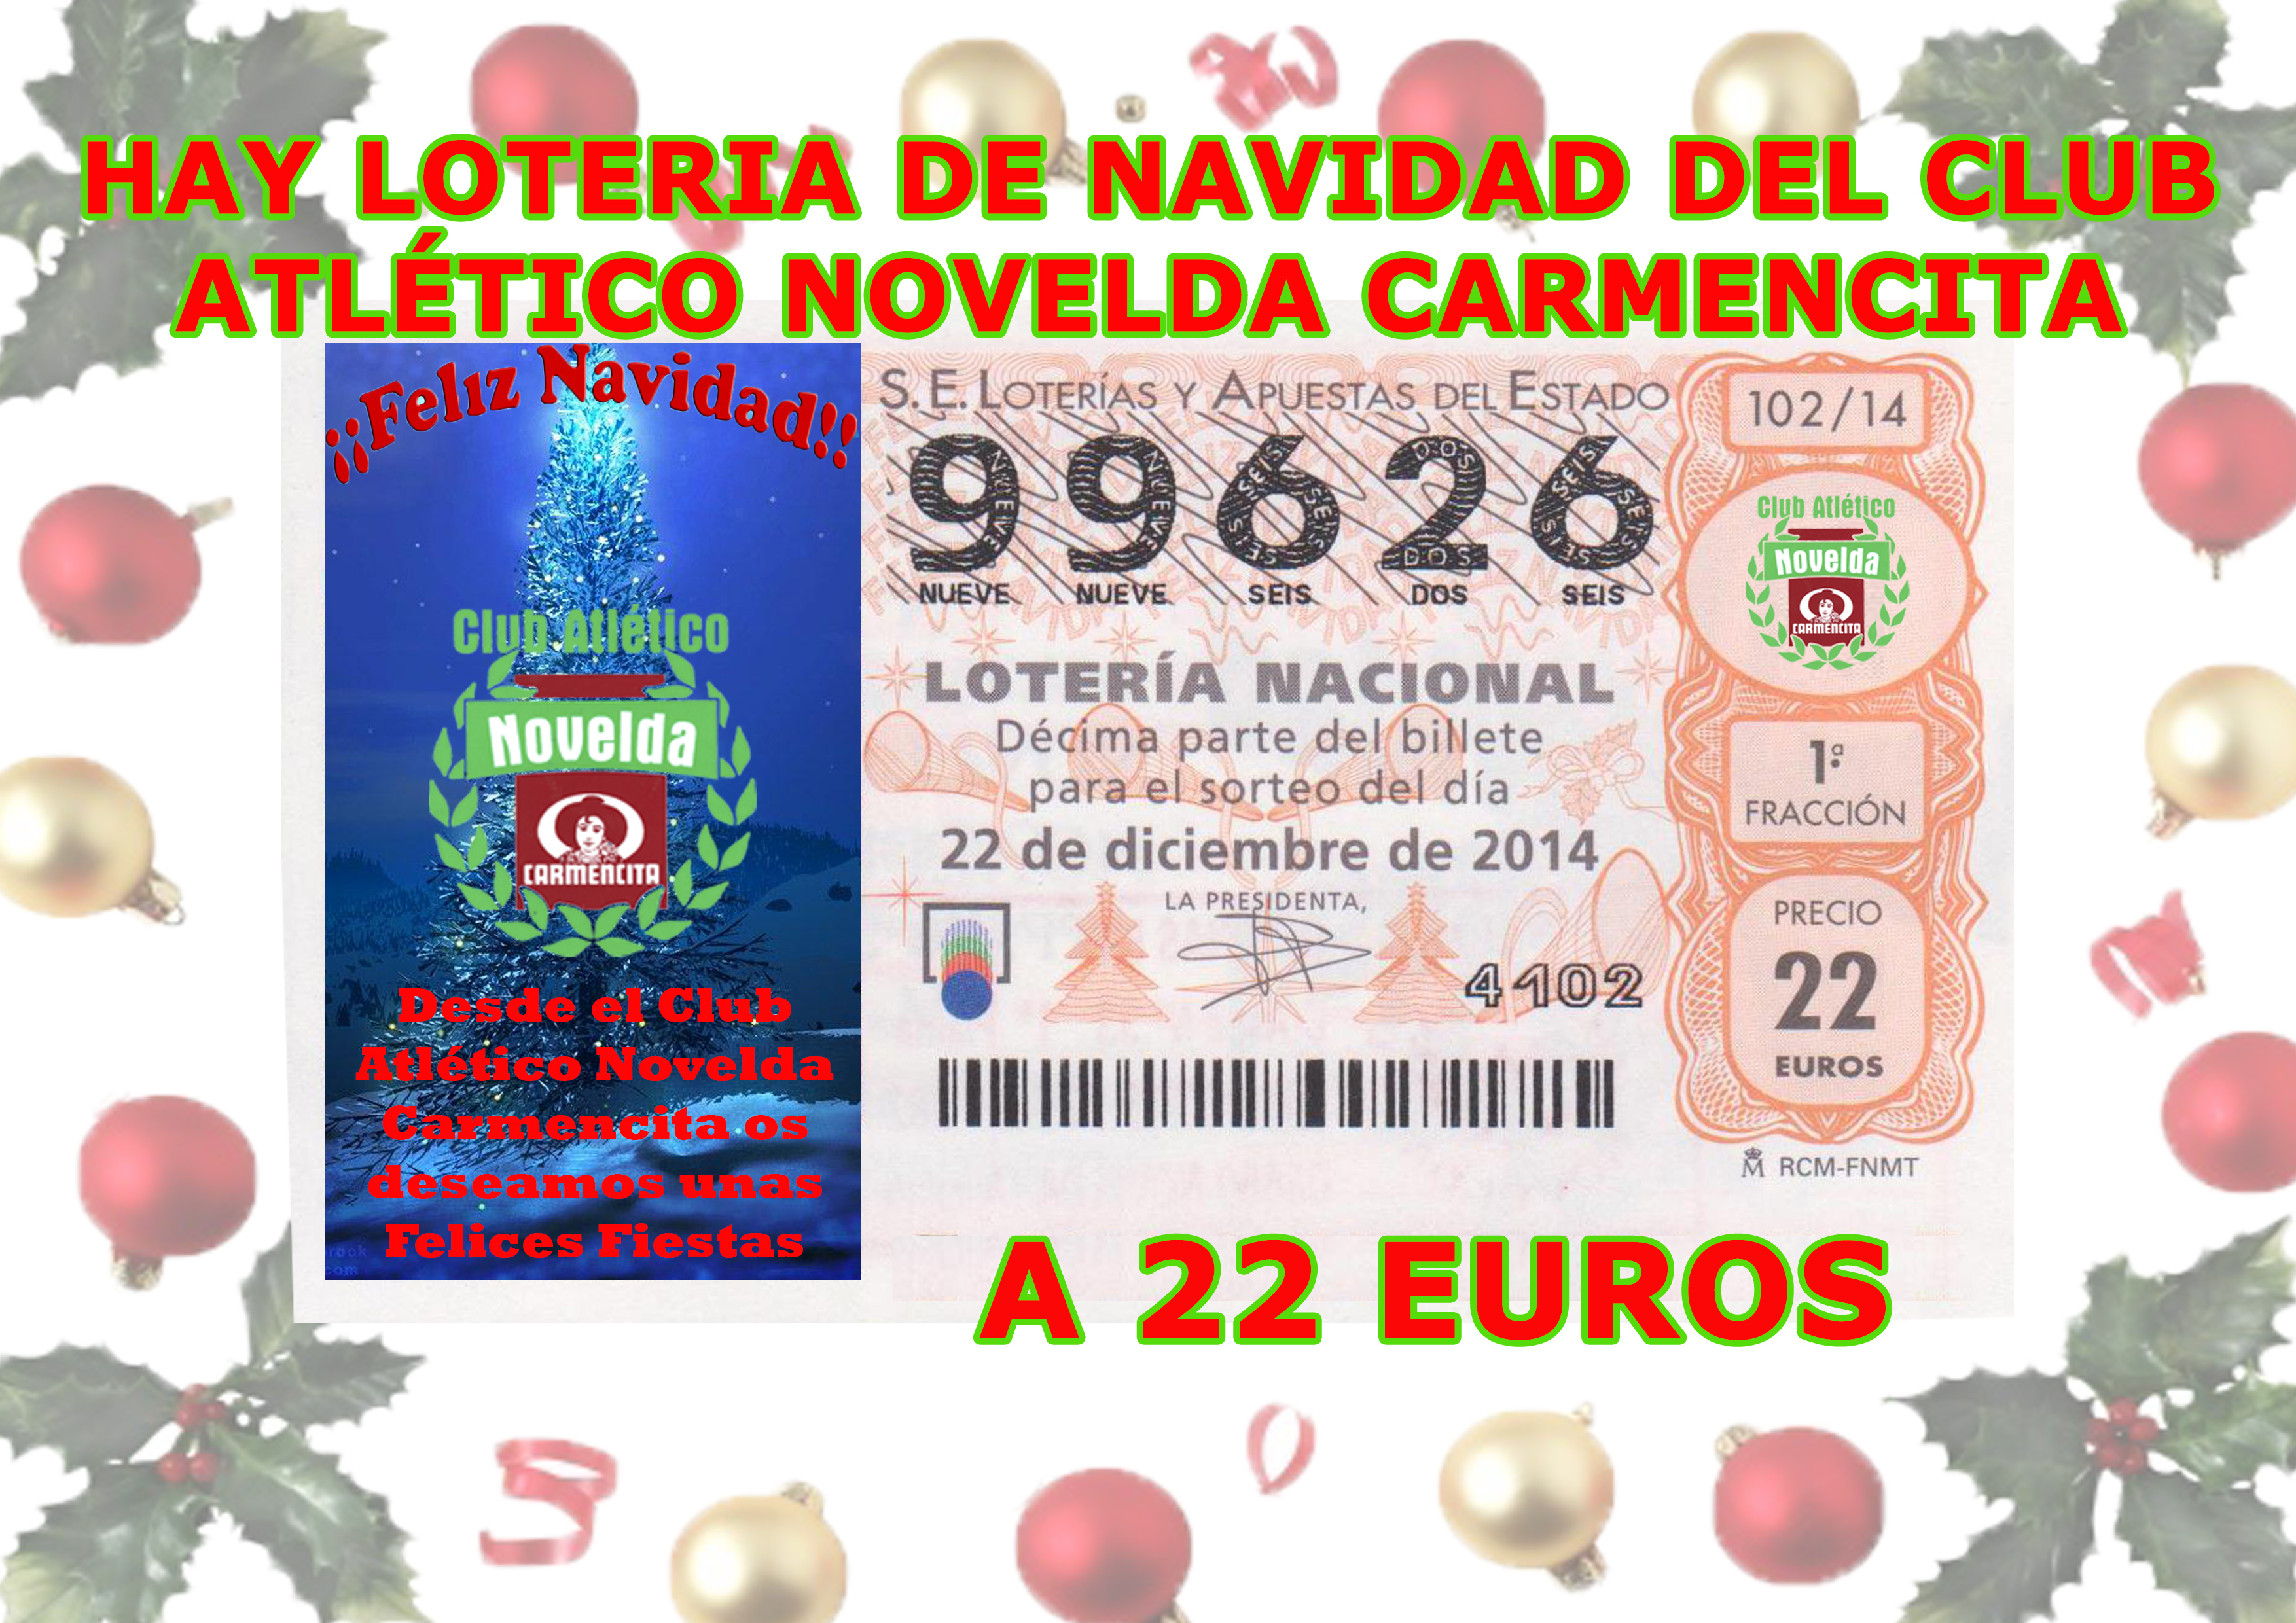 loteria nacional navidad 2006 resultados: